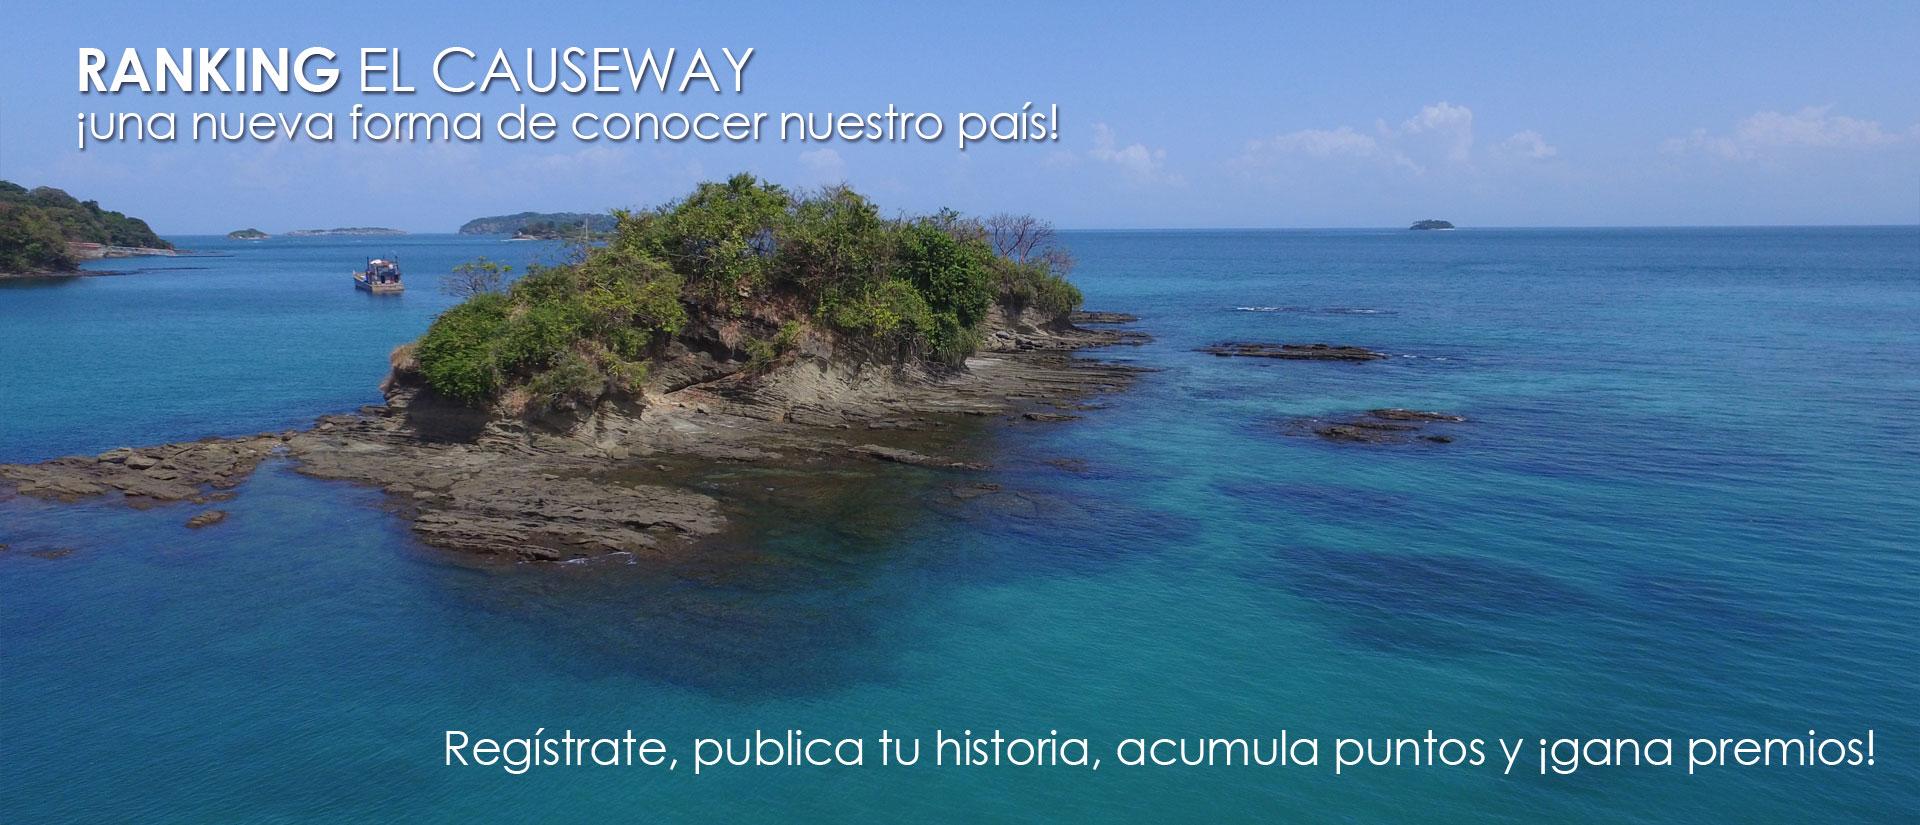 Publica tu historia y gana premios. Regístrate en el Ranking El Causeway.